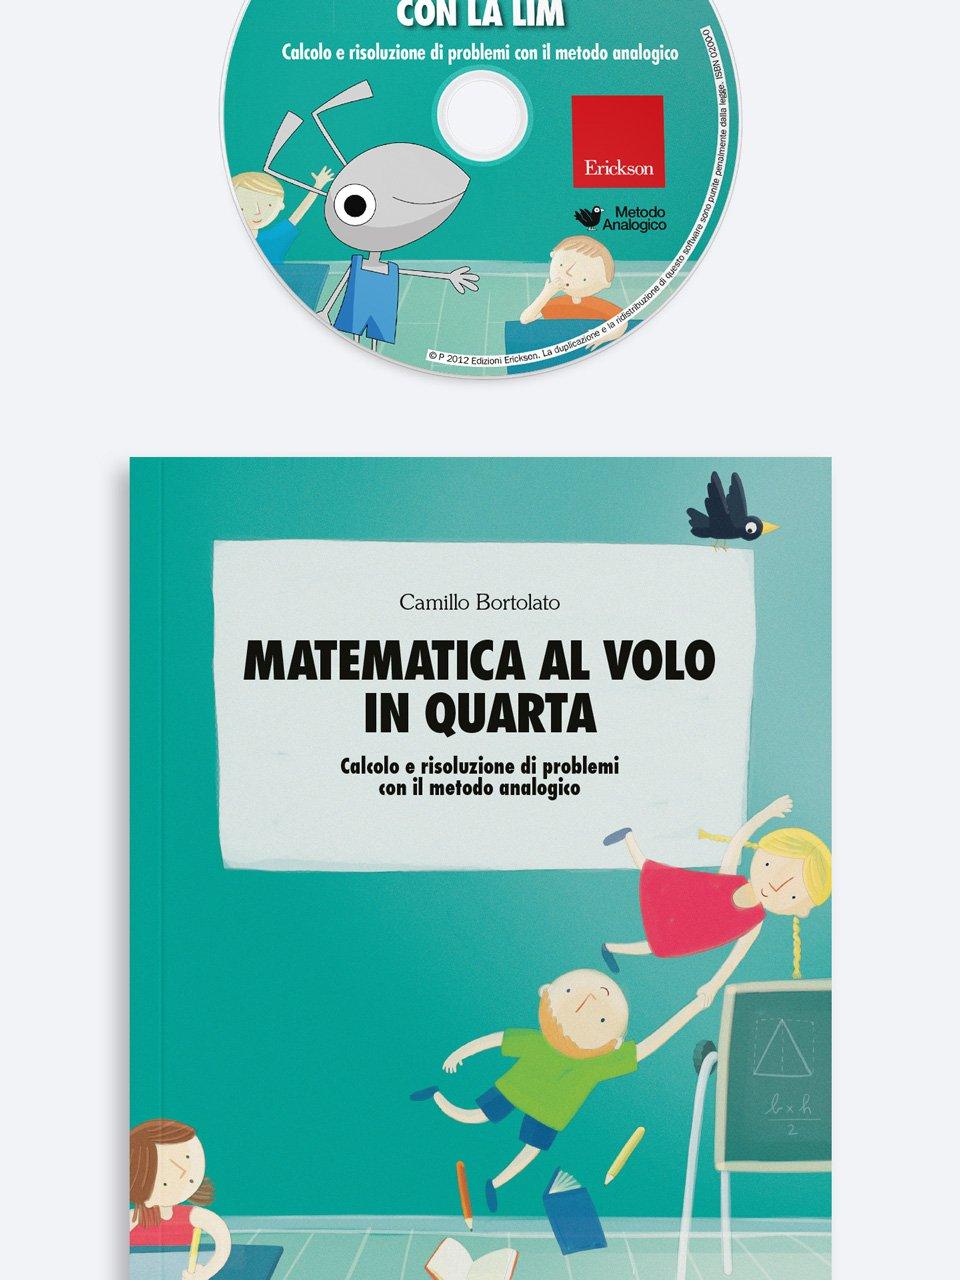 Matematica al volo in quarta - Metodo Analogico altre proposte - Erickson 2